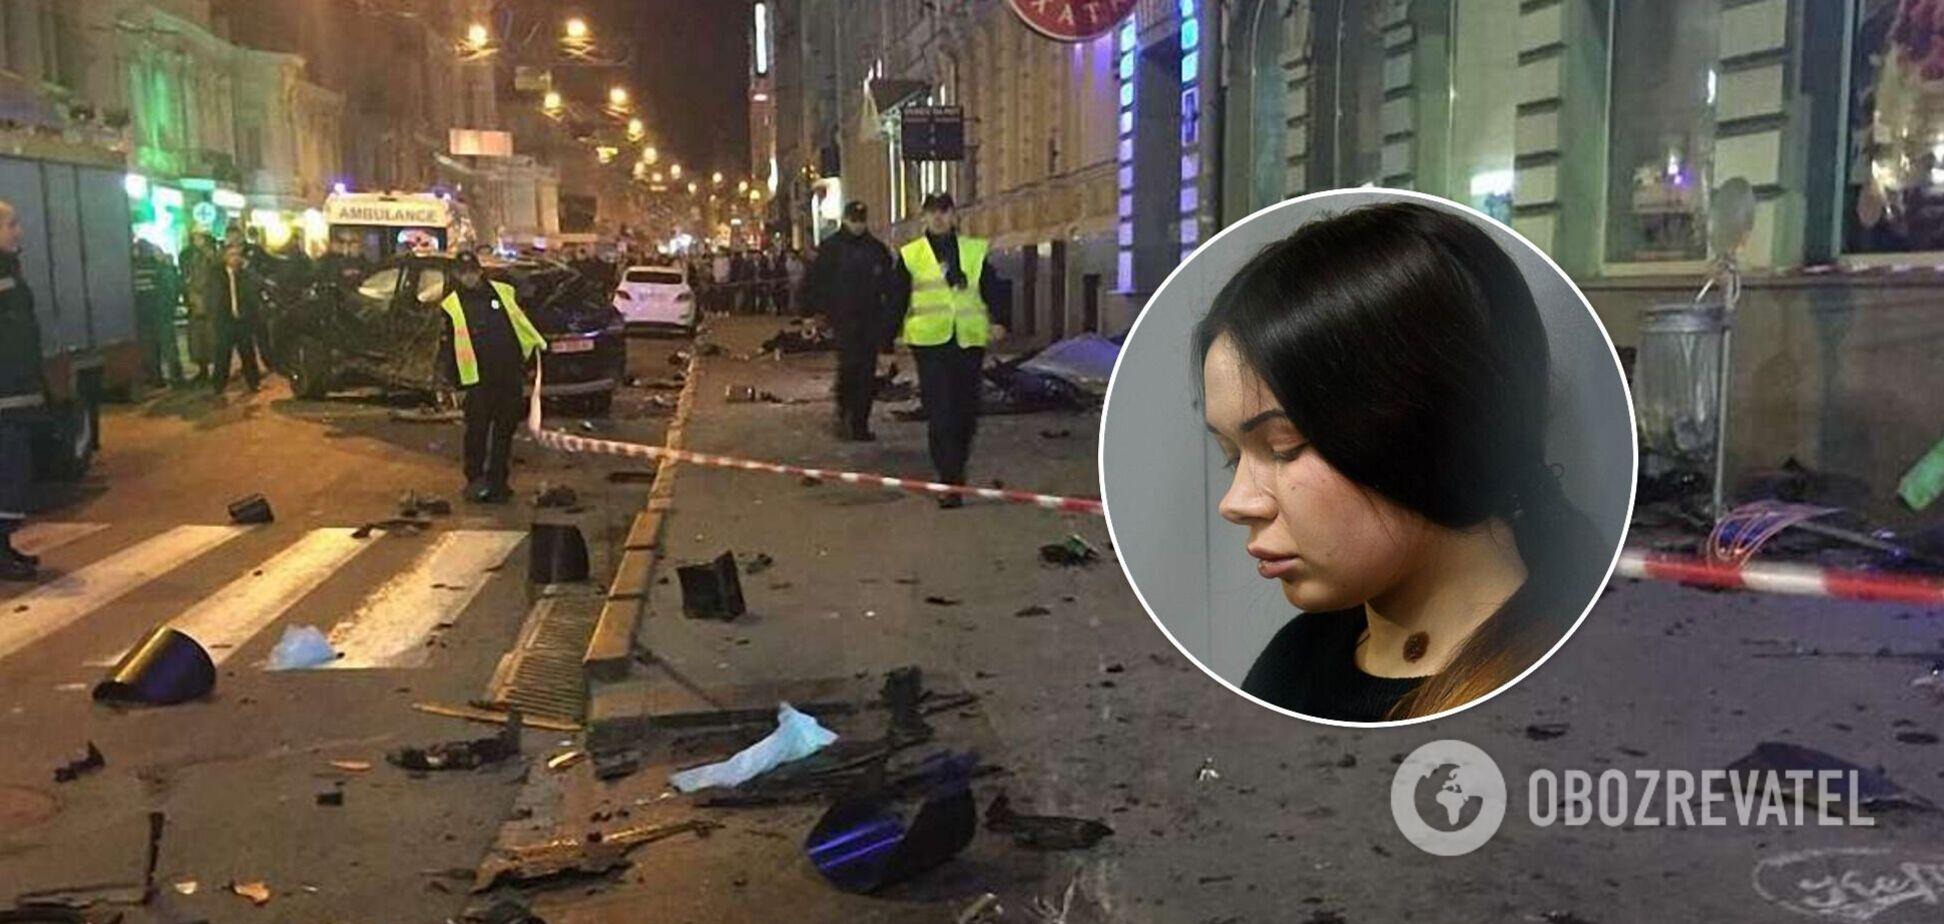 Родственница погибшей при ДТП в Харькове заявила, что получает от Зайцевой по 24 грн компенсации